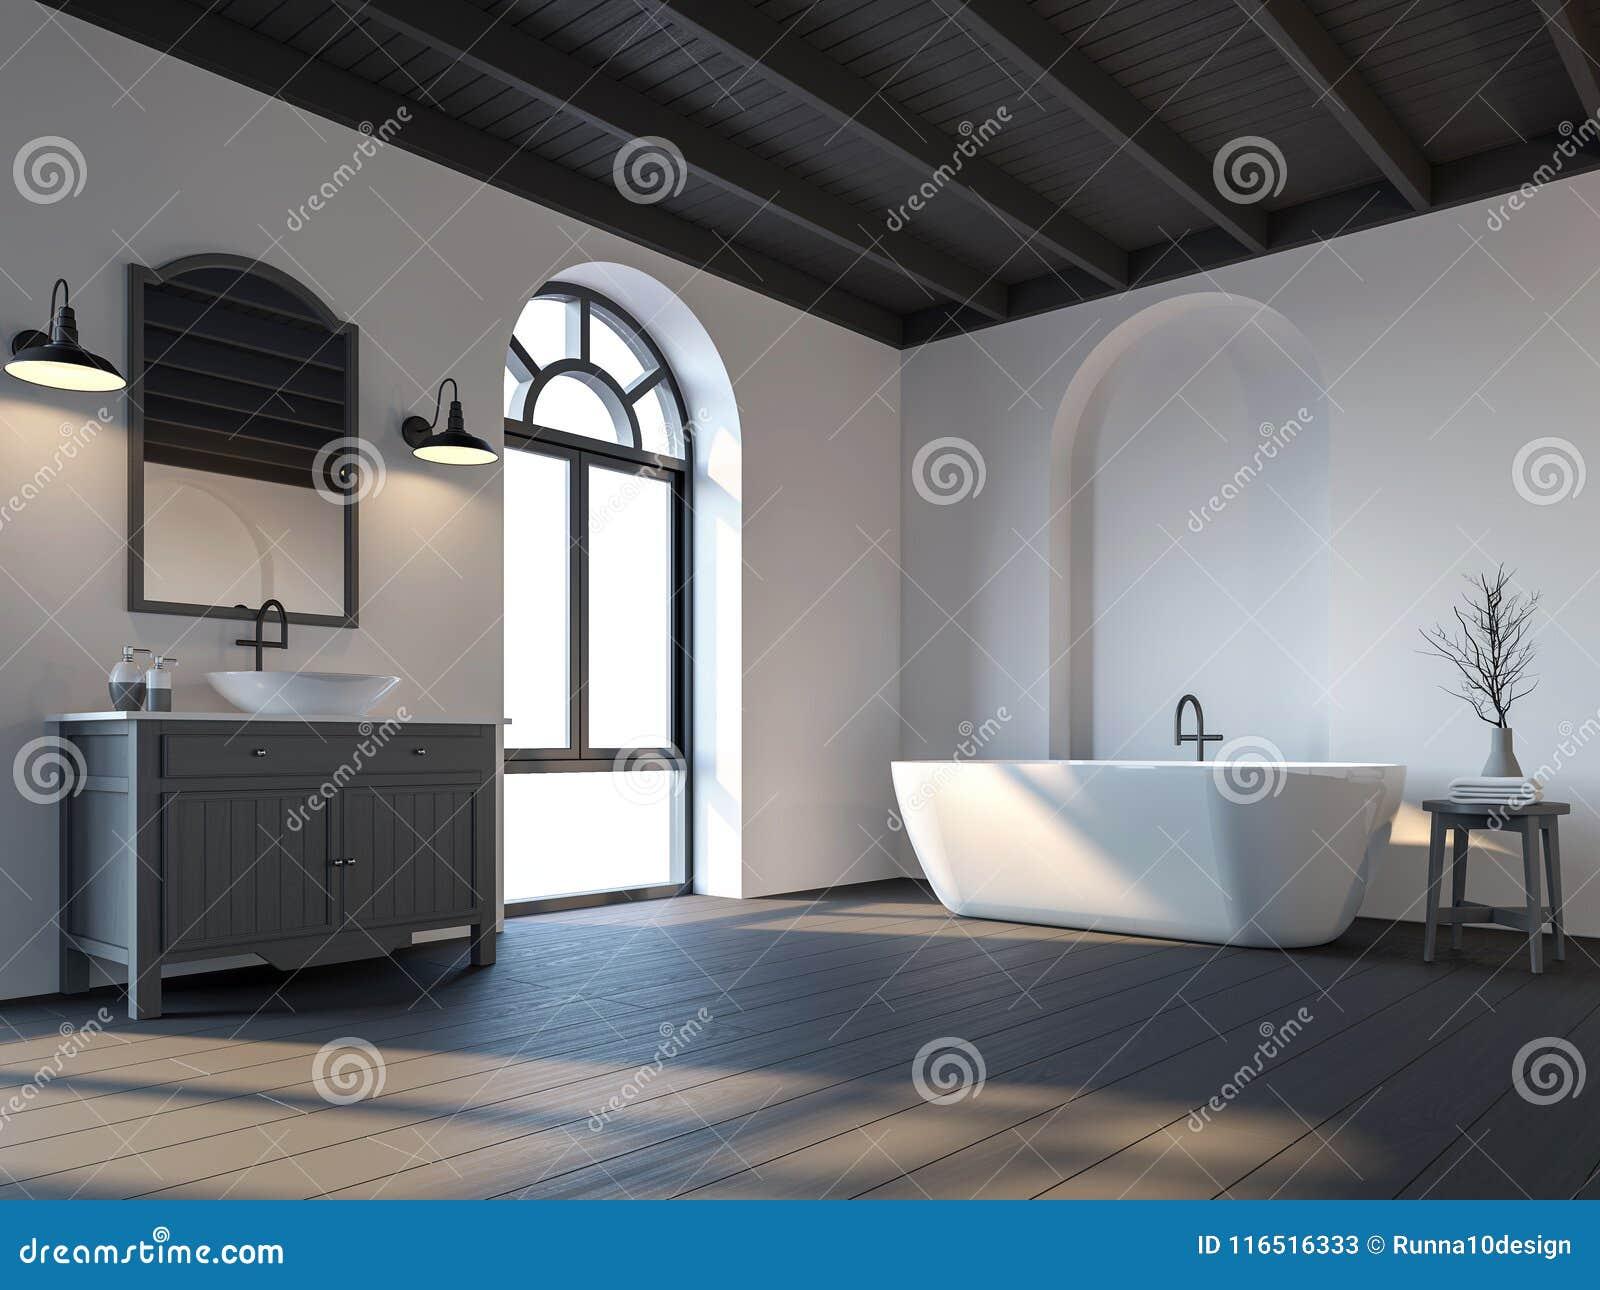 Zeer De Skandinavische Badkamers Met Zwarte Houten 3d Vloer Geeft Terug @QI65